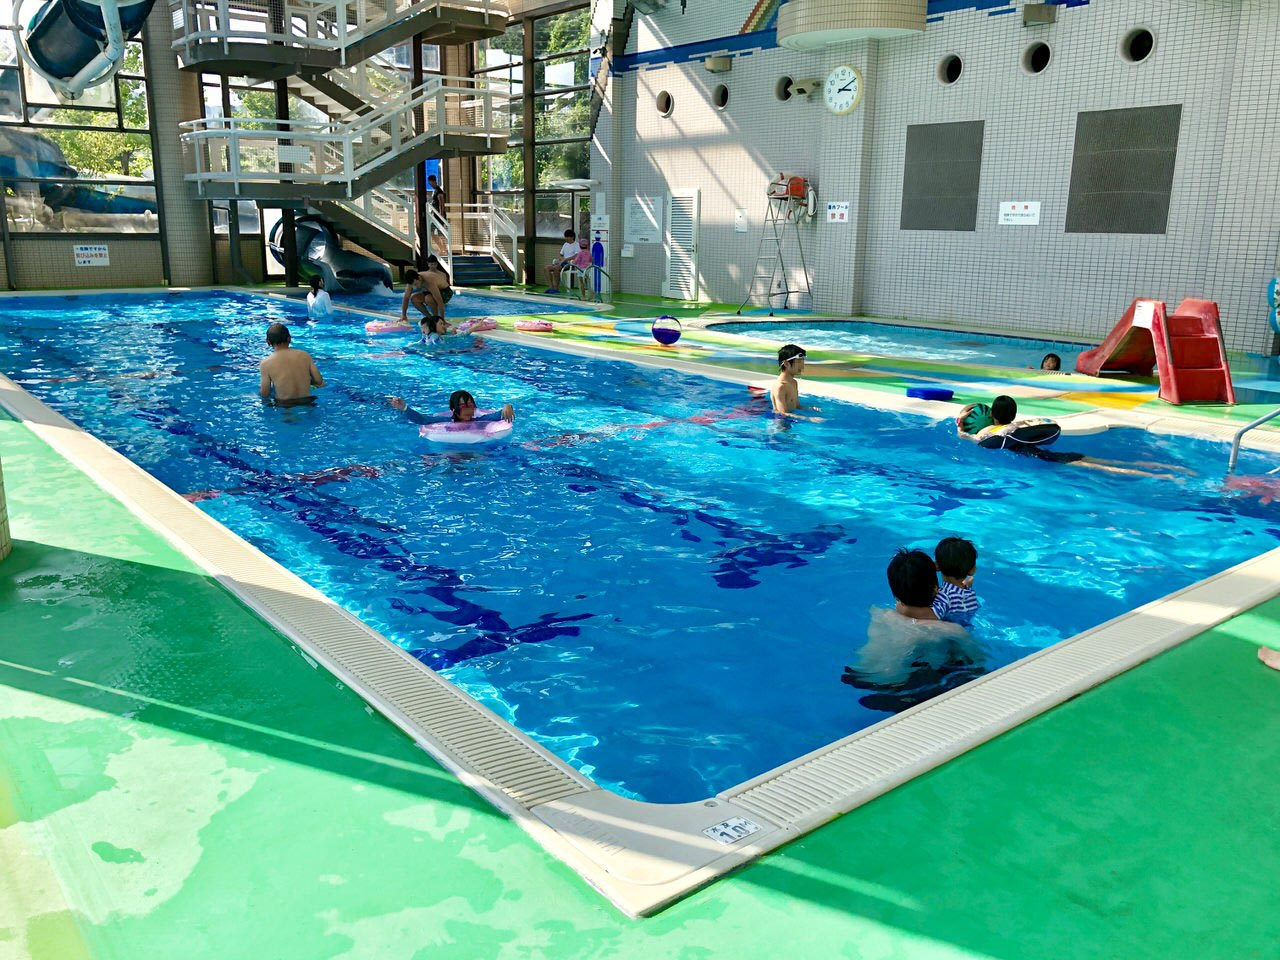 中津川のクアリゾート湯舟沢の温水プール